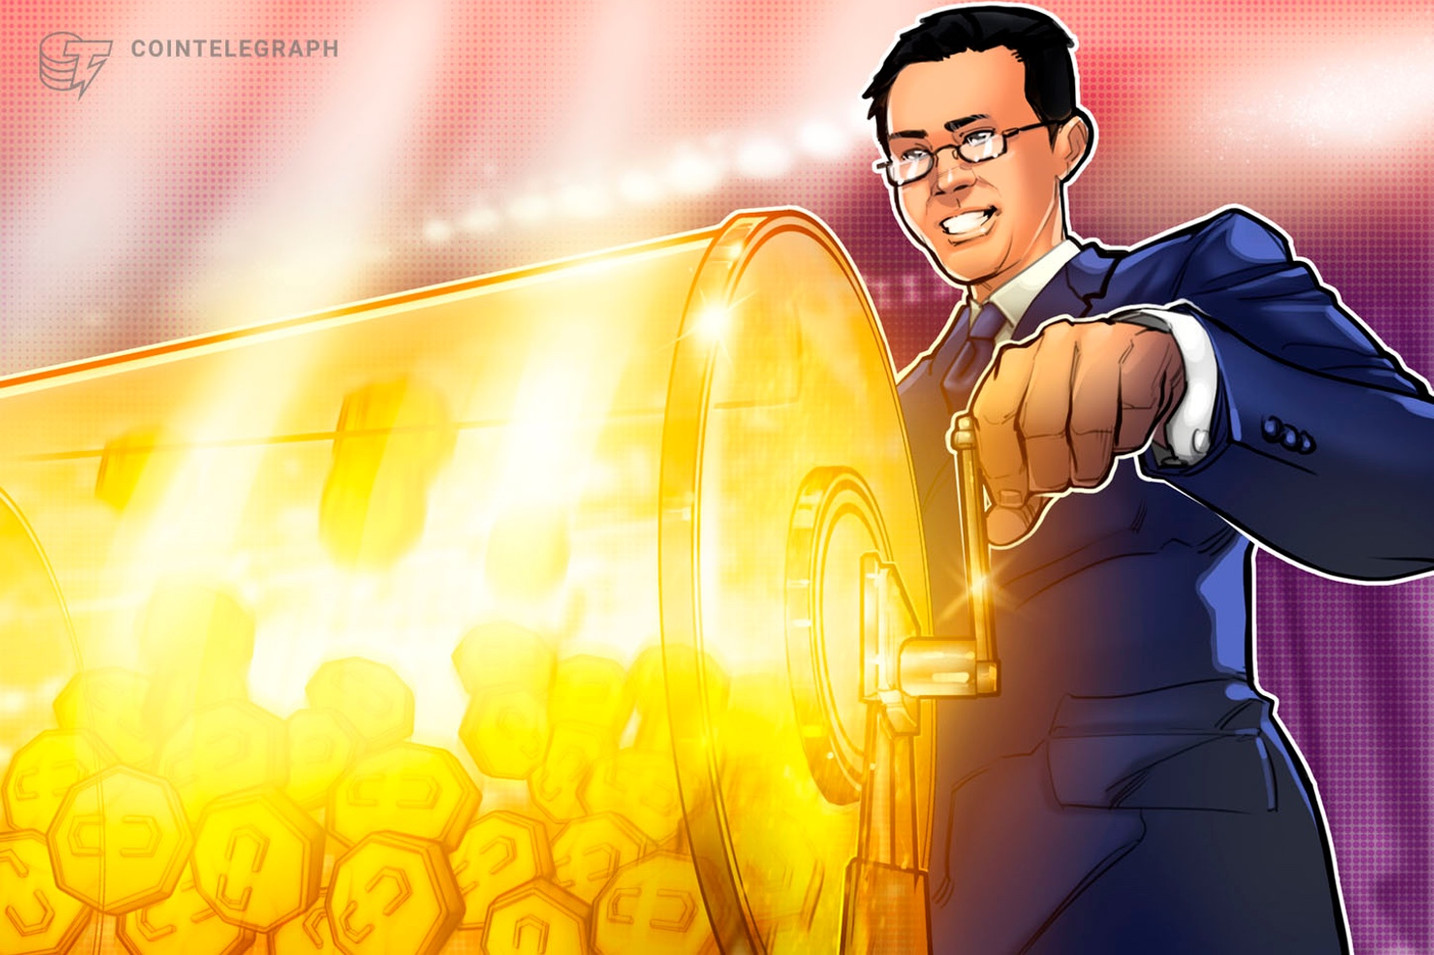 大手取引所バイナンス、仮想通貨Liskのステーキングサービス開始【ニュース】